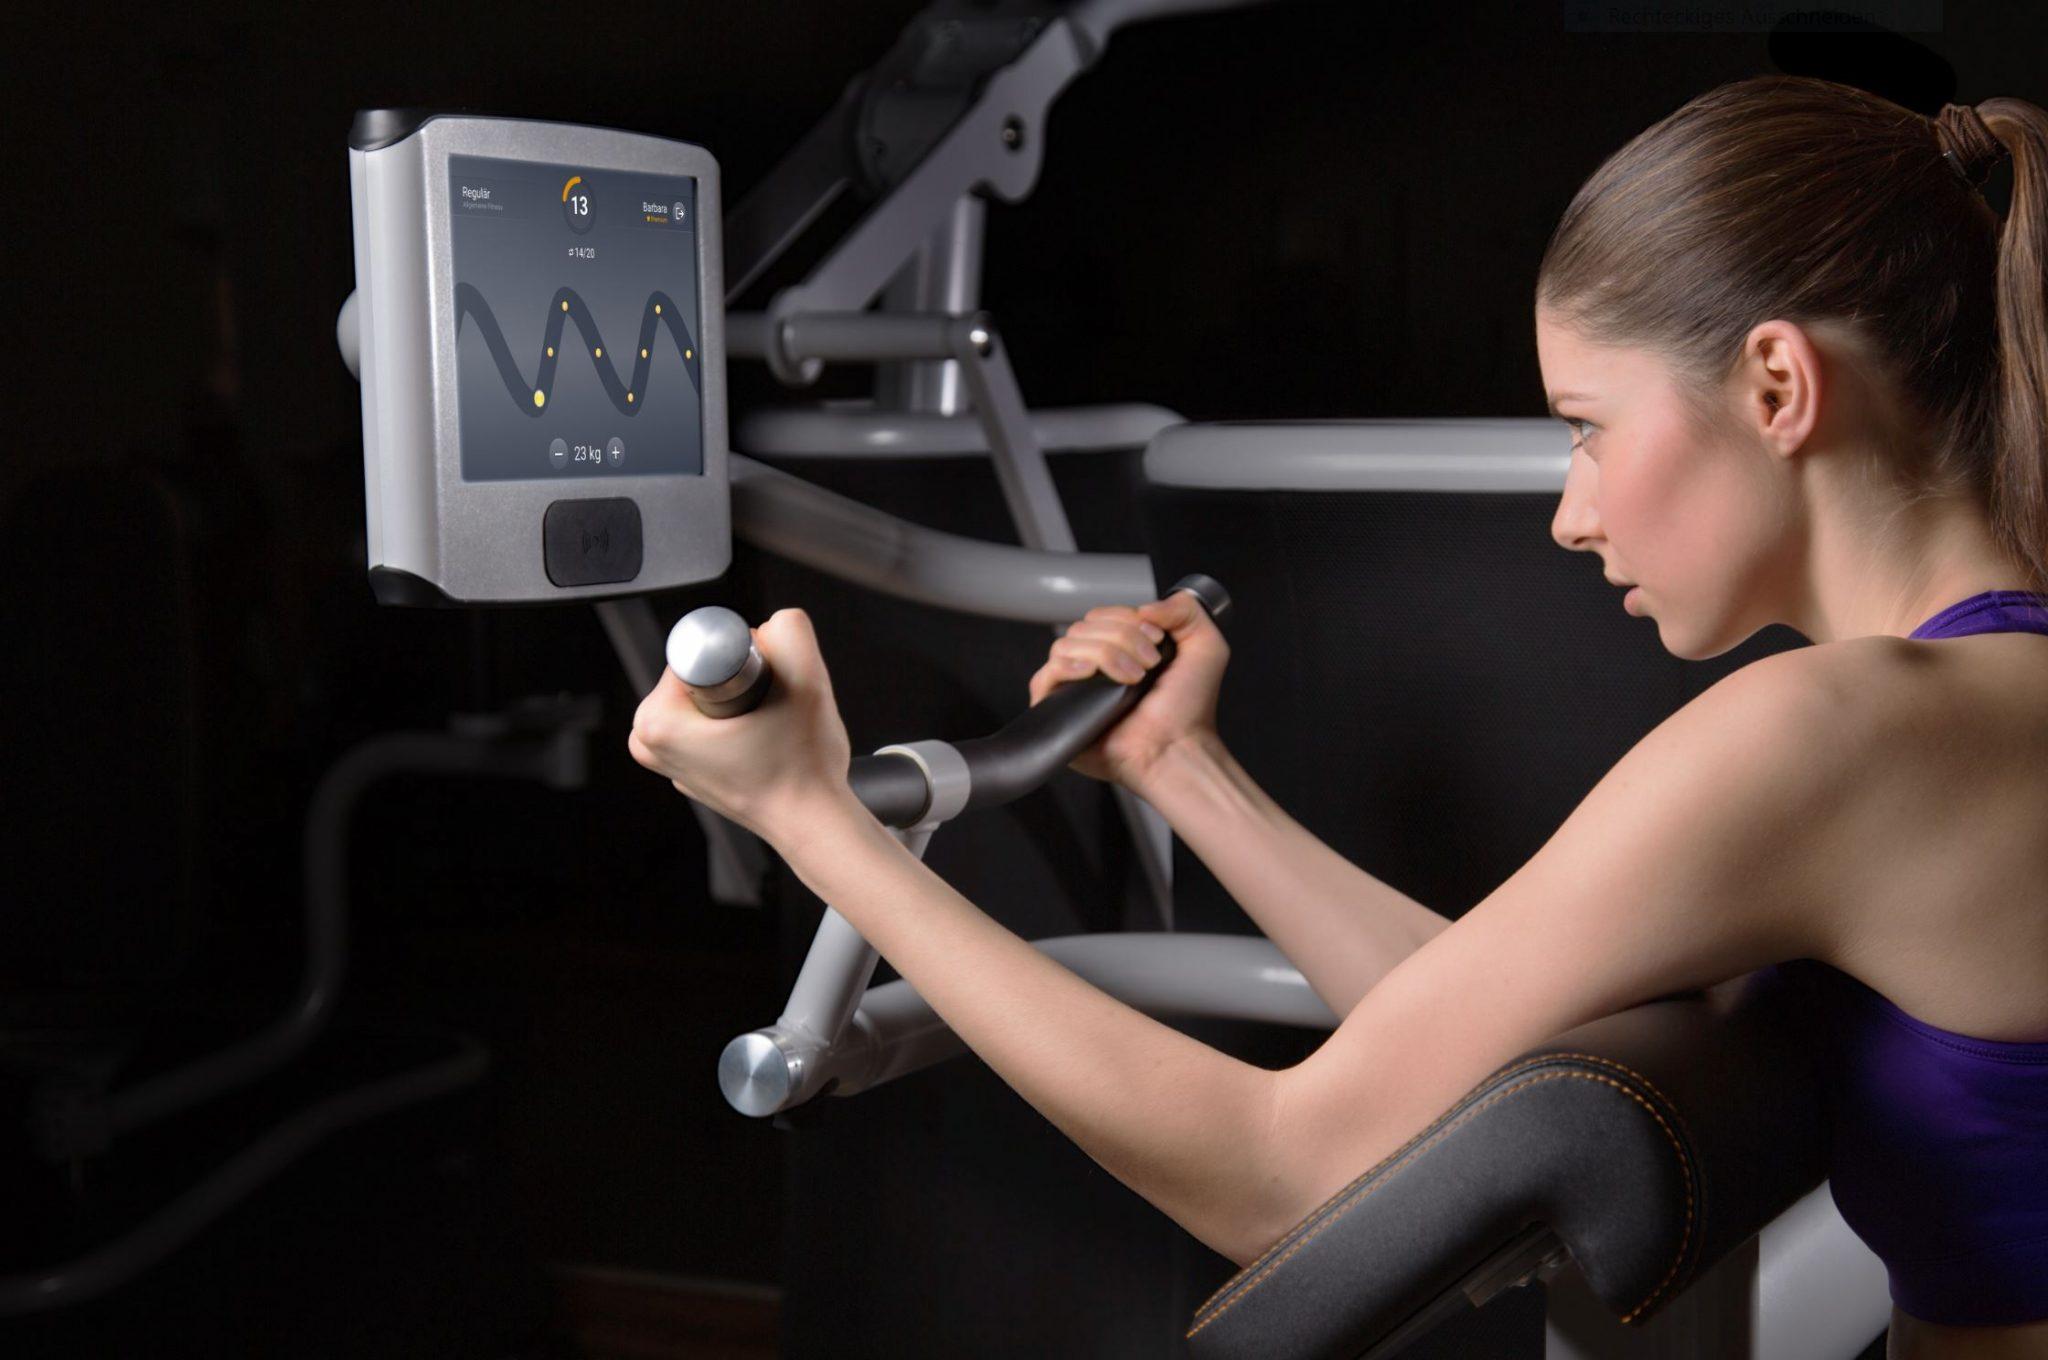 Eine Frau an einem eGym Gerät bei einem Training mit einem dunklem Hintergrund